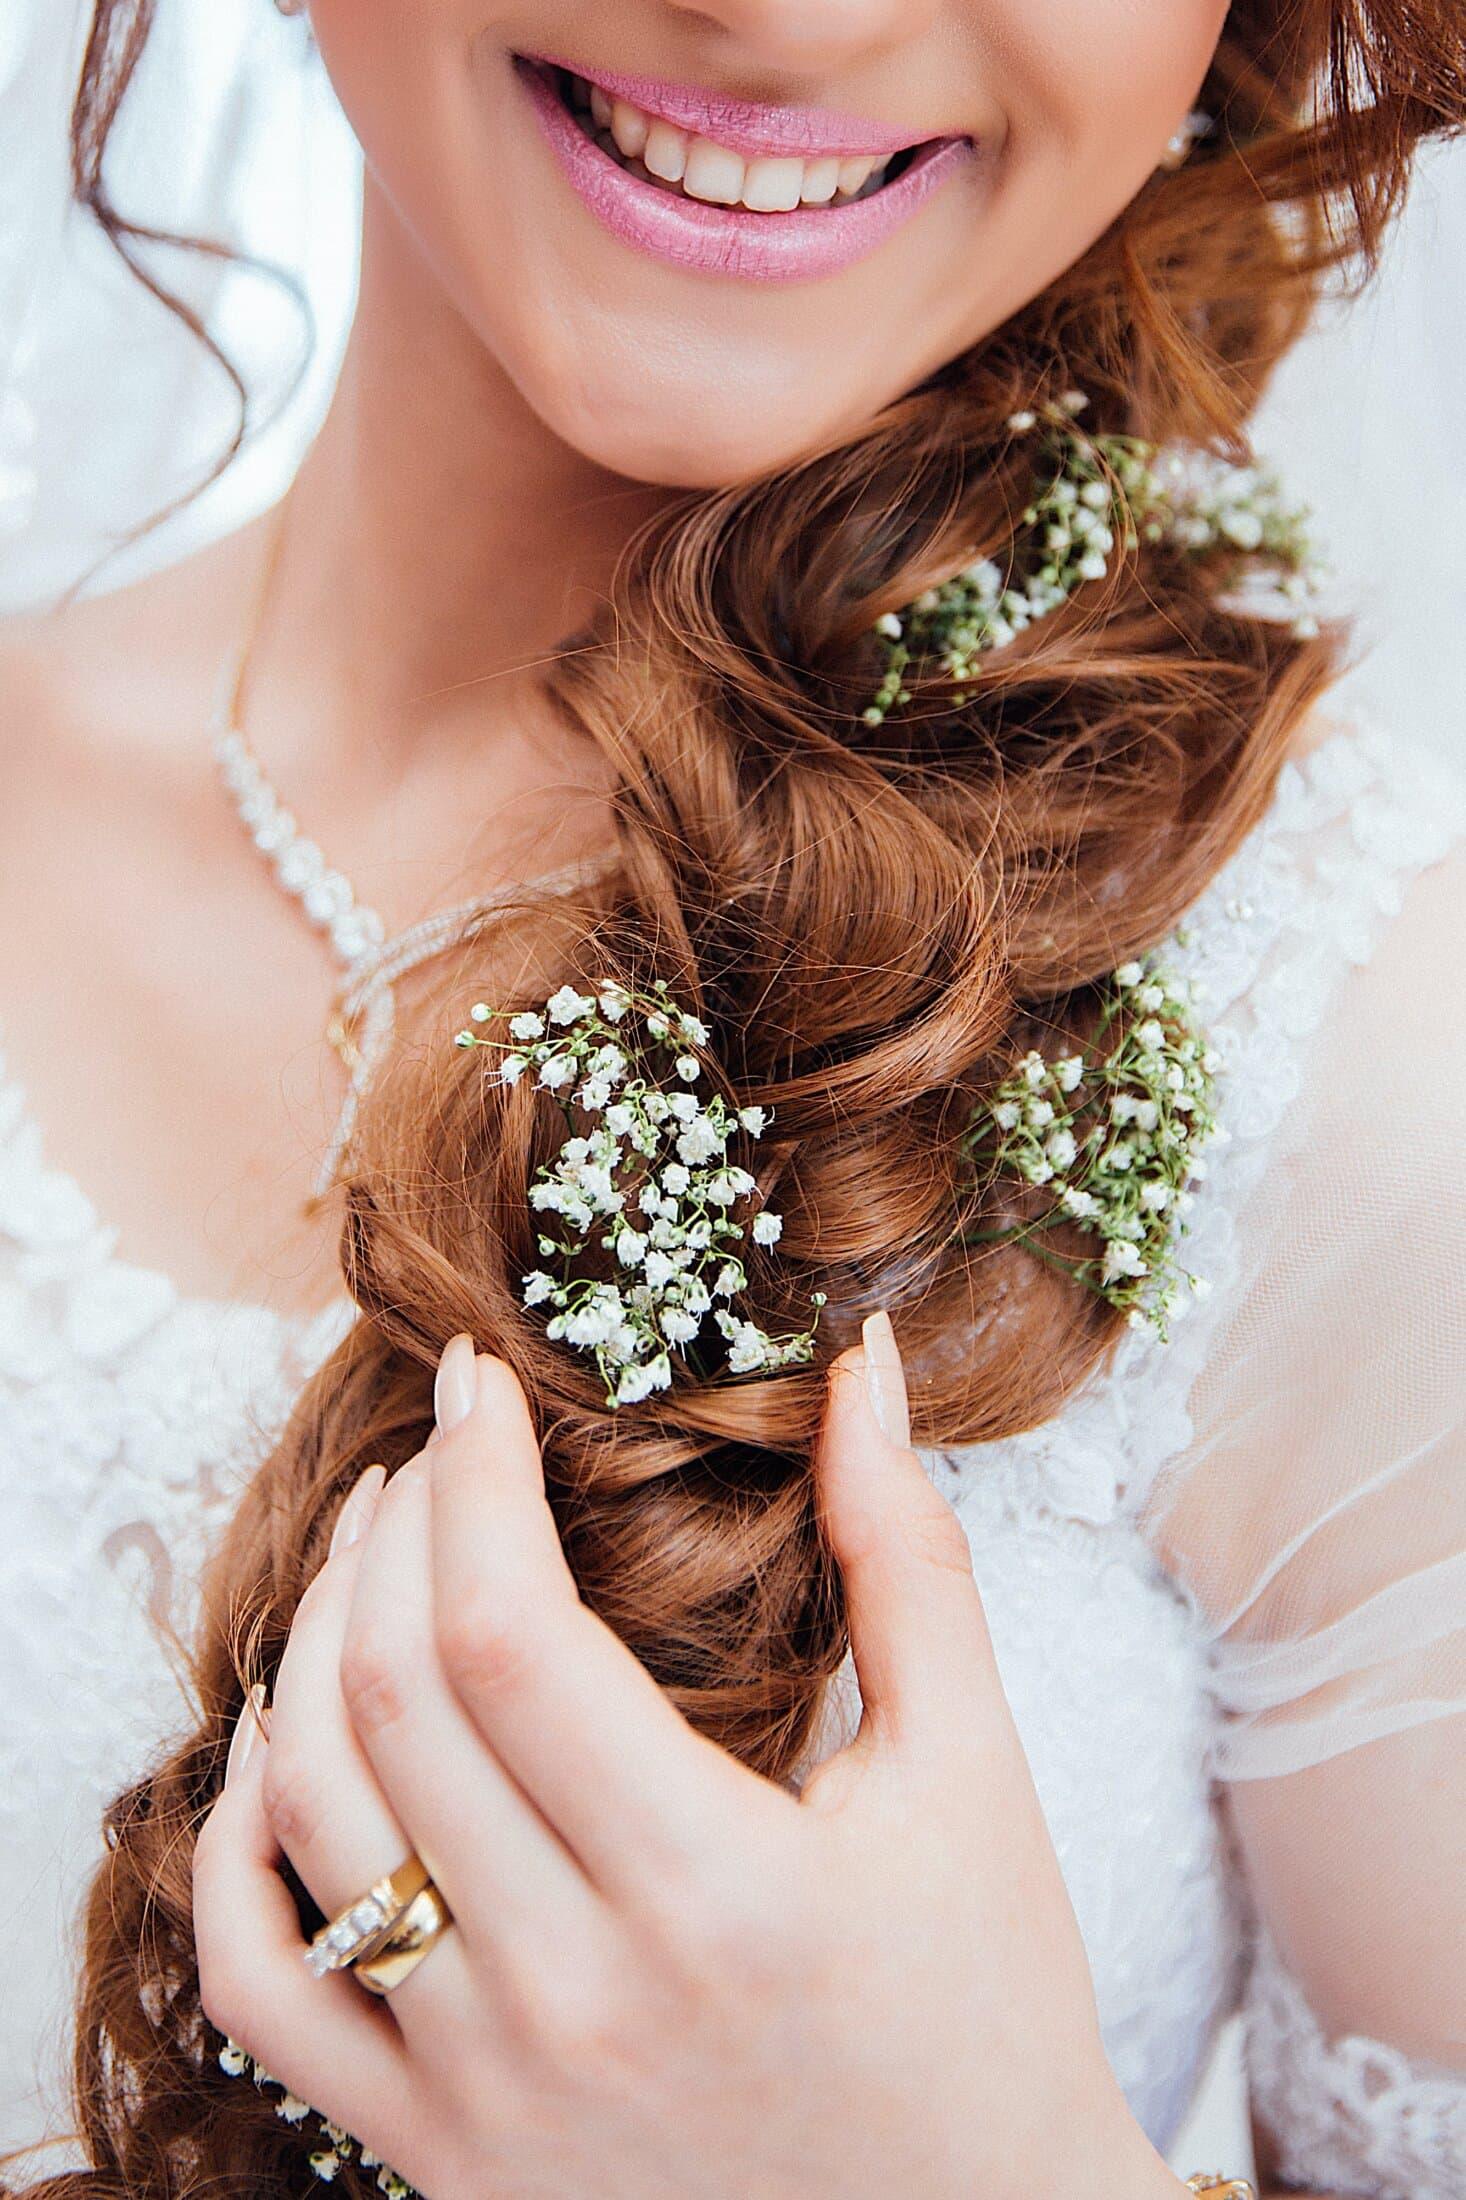 Bridal hair and makeup at Rutland Hall Hotel